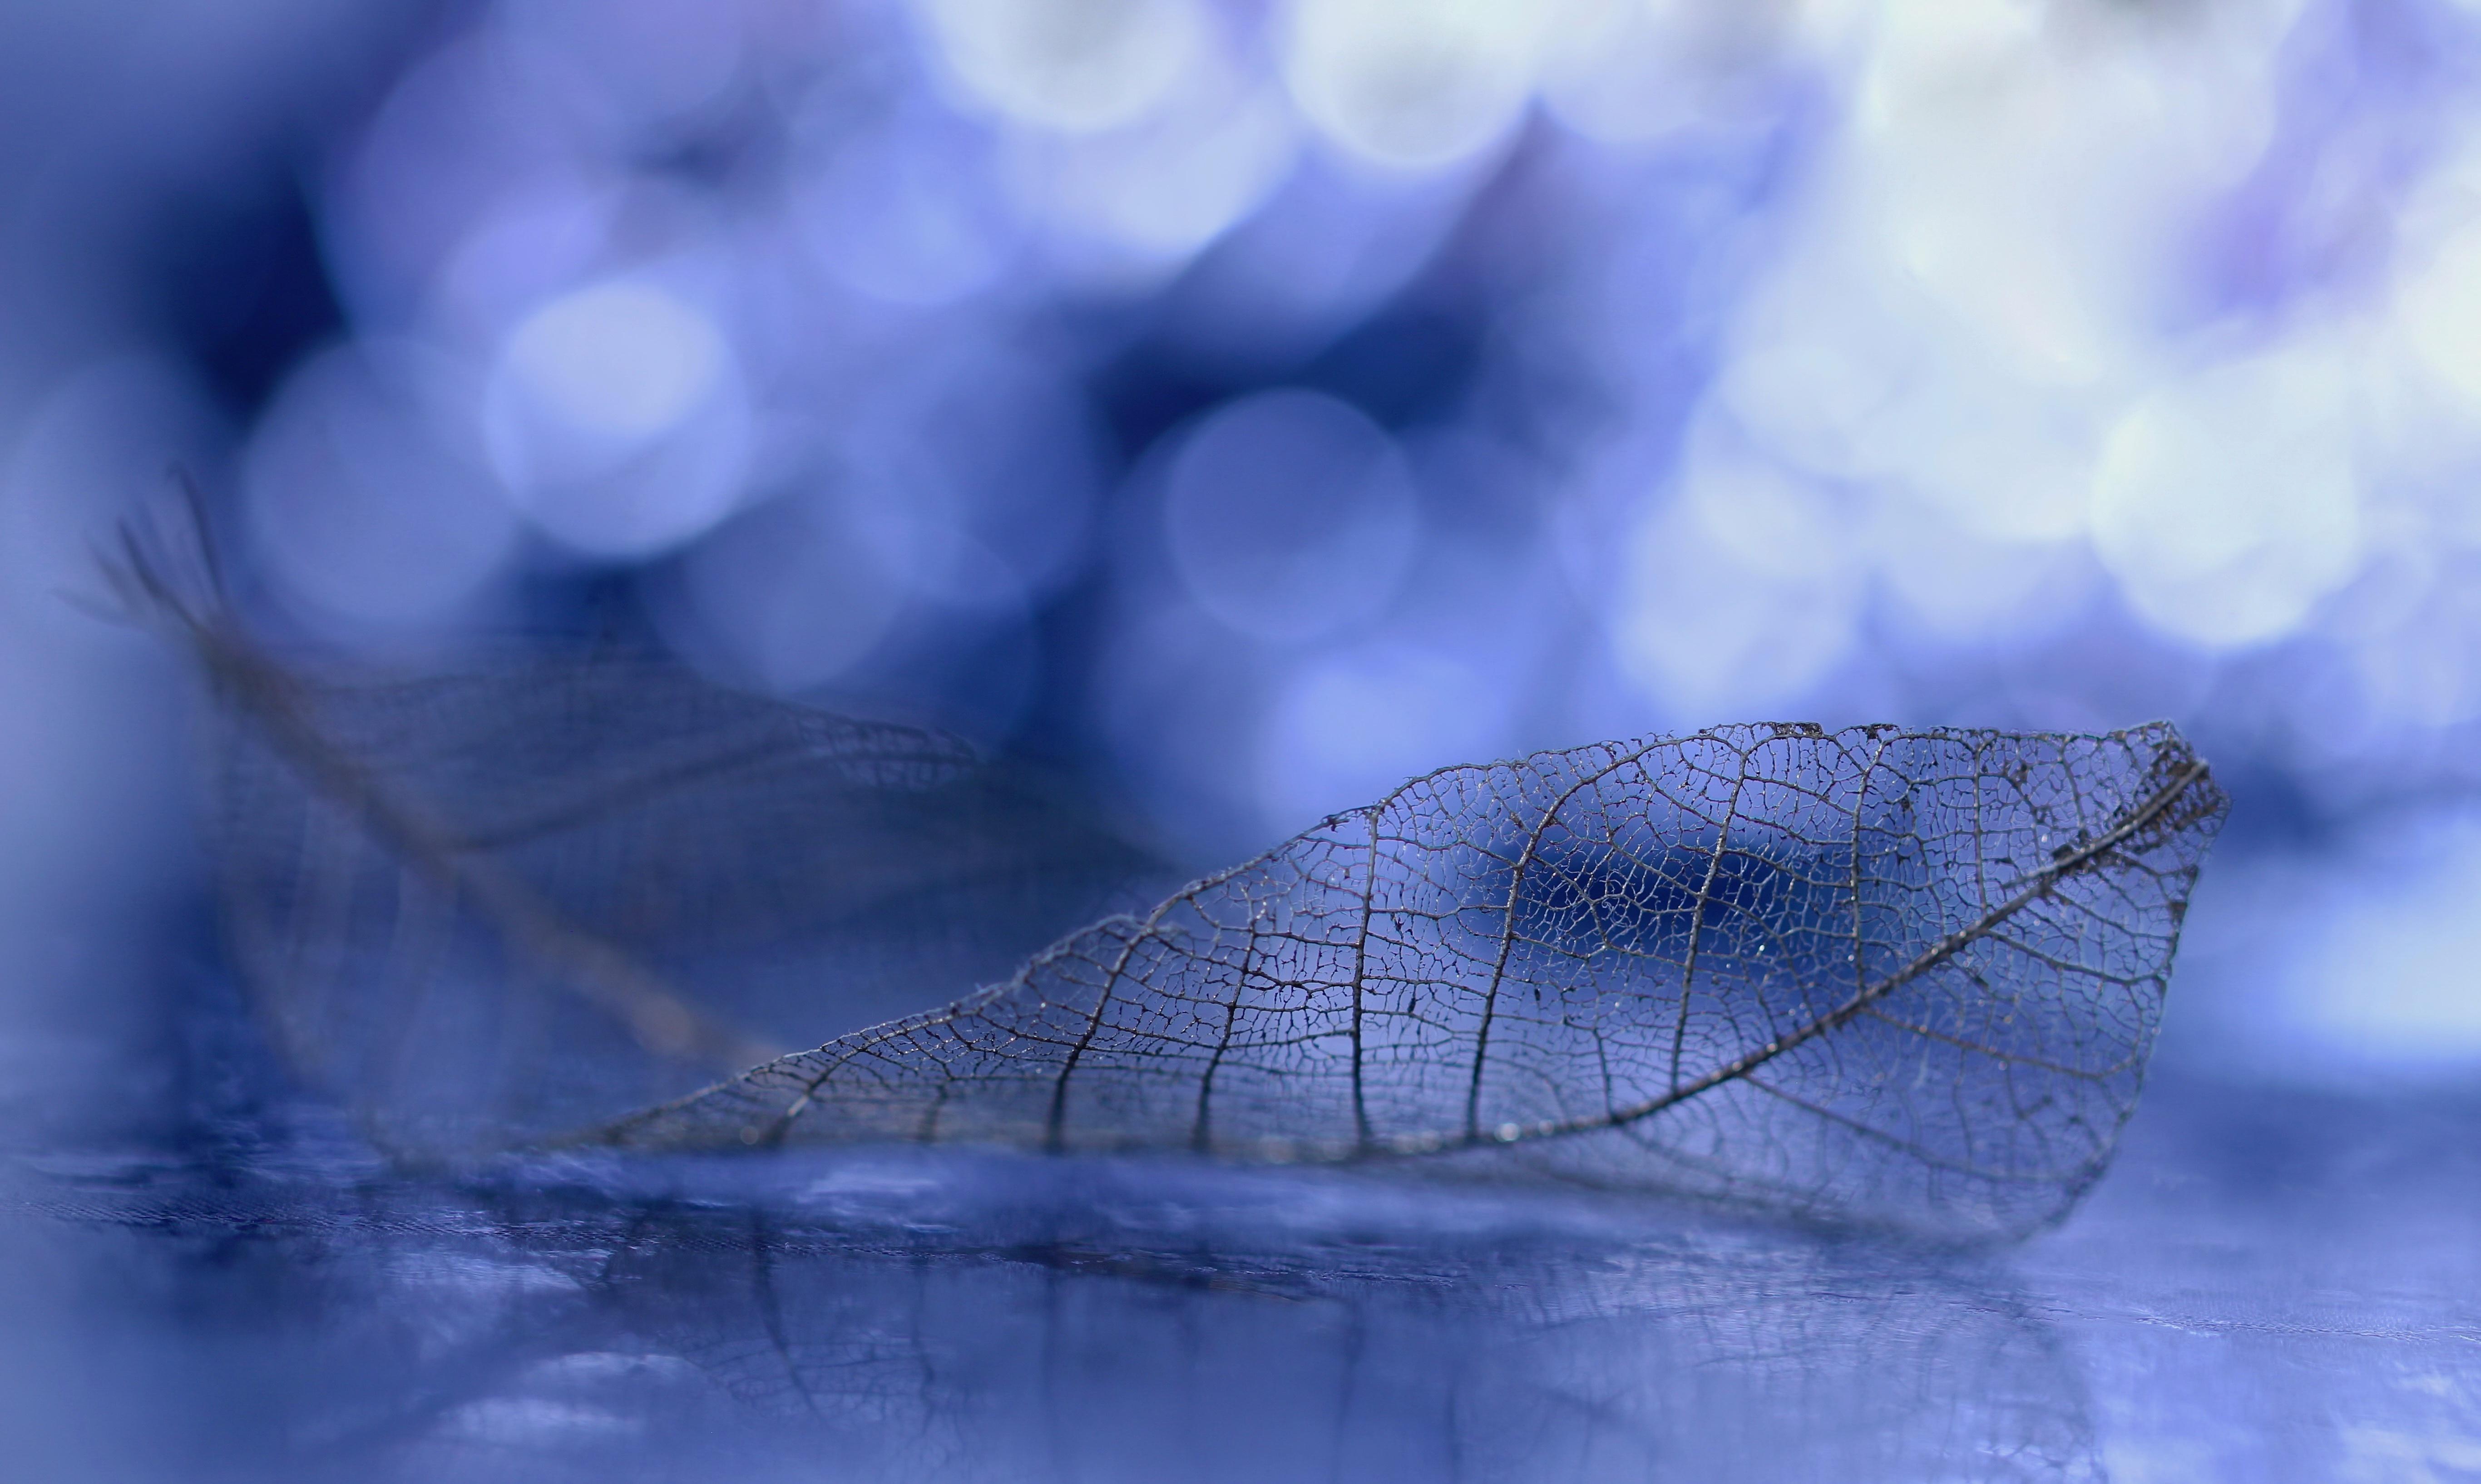 Blue Bokeh 5464x3269